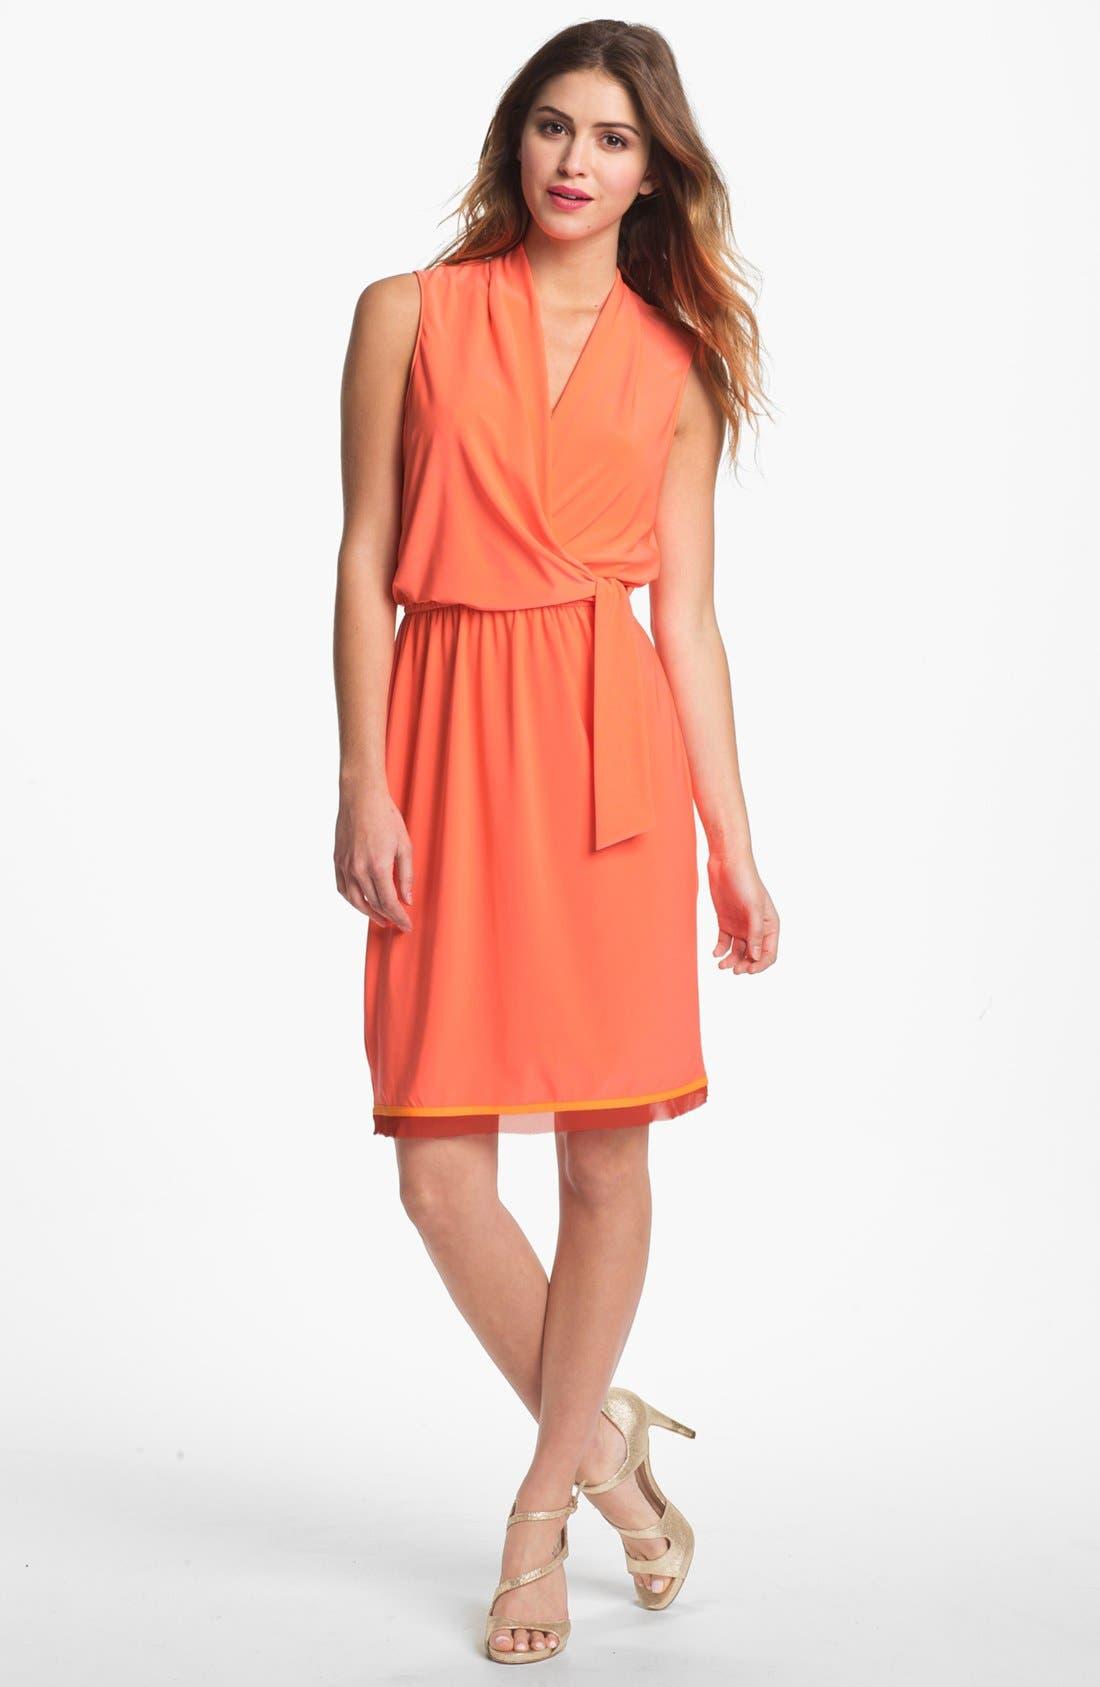 Alternate Image 1 Selected - T Tahari 'Holley' Dress